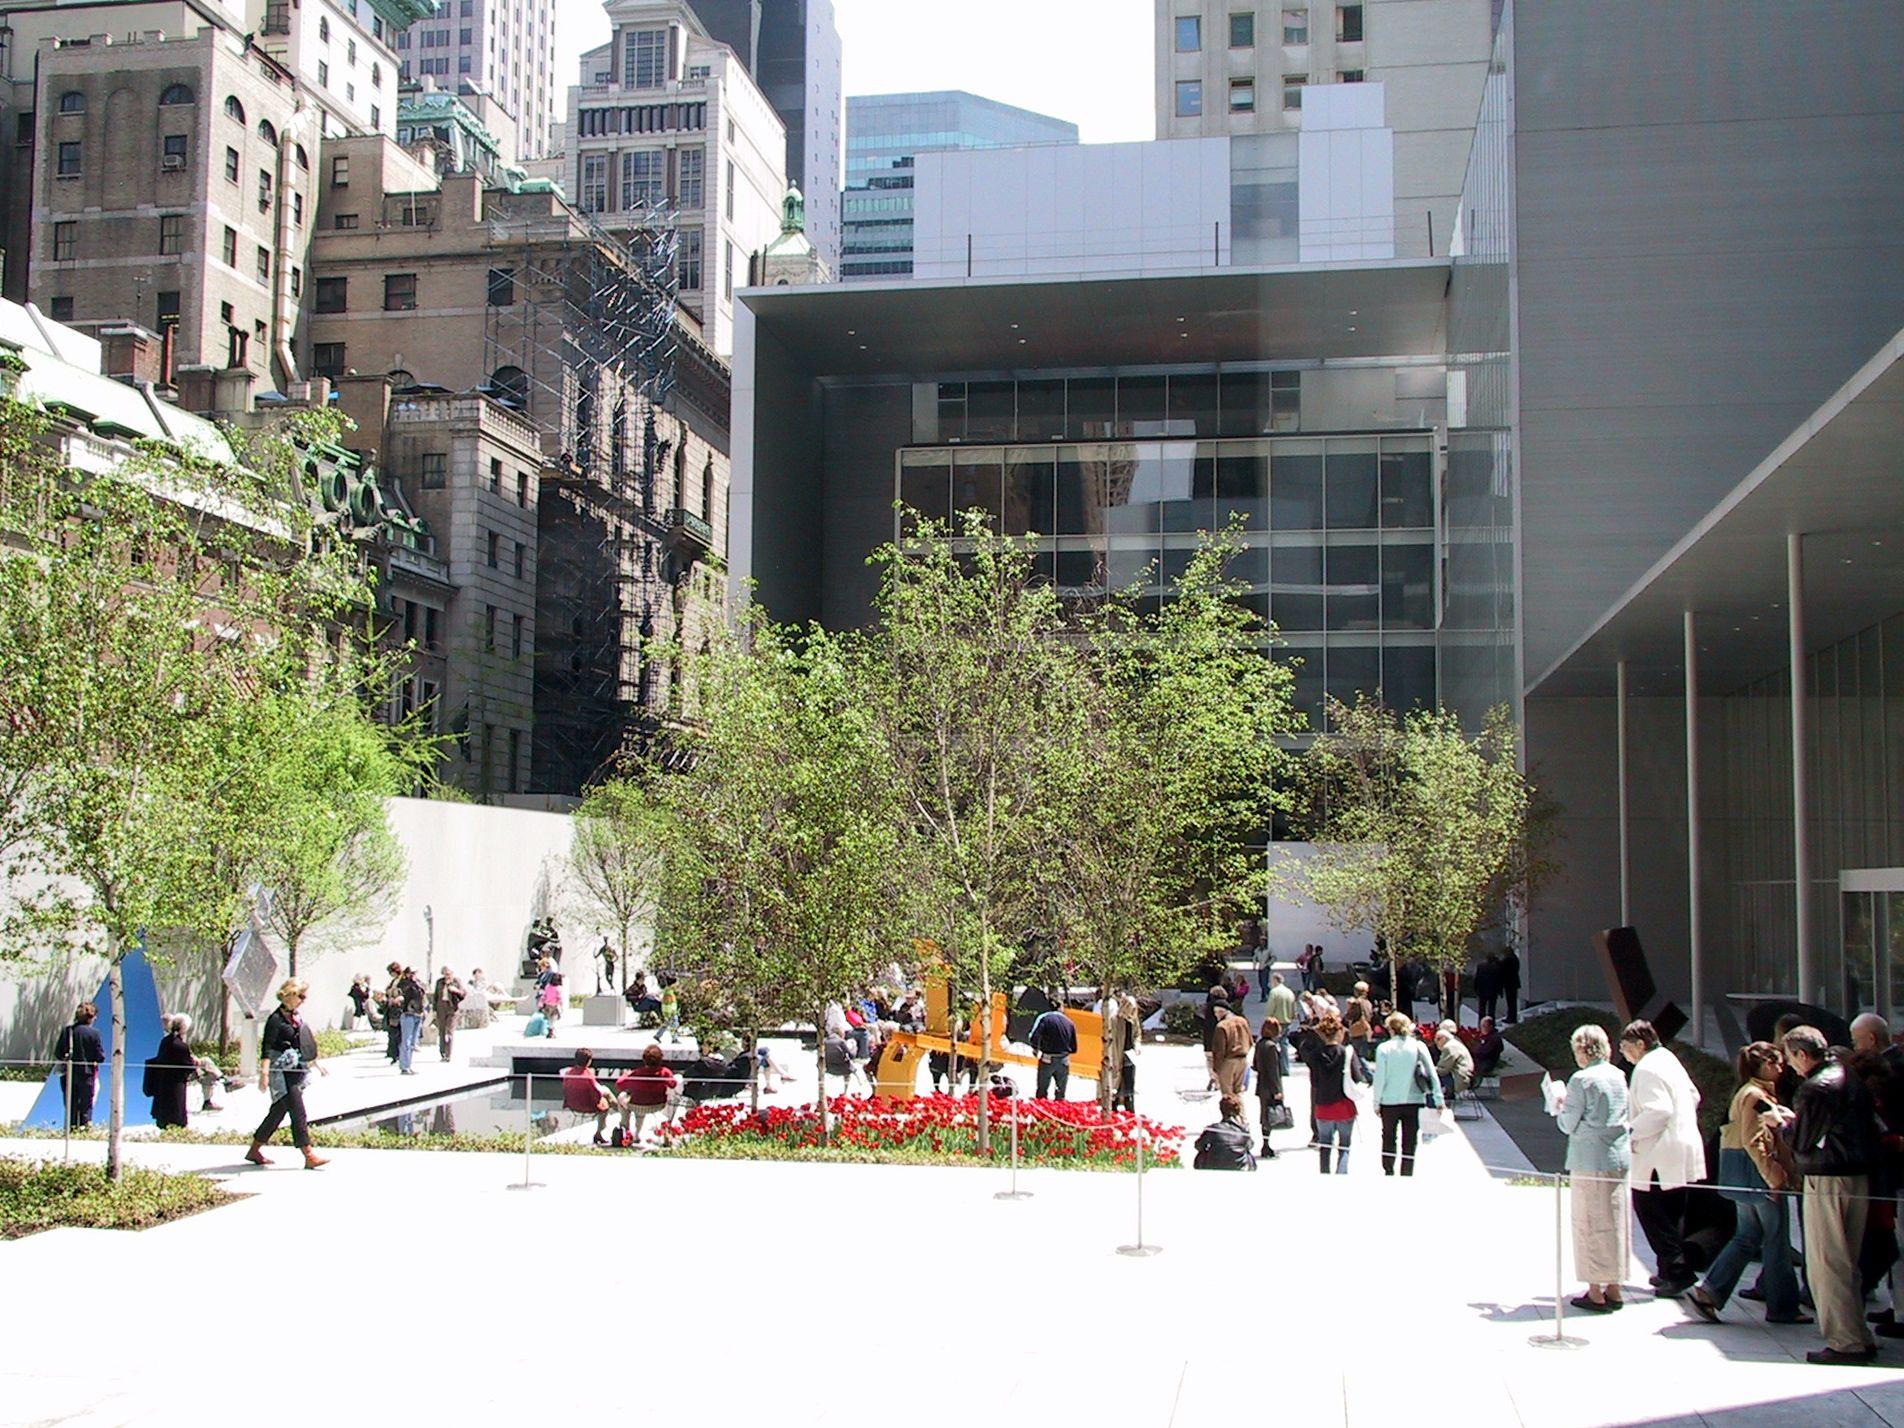 haters gon' hate...pero el MOMA tiene, quizás, la mejor colección de arte que he visto...